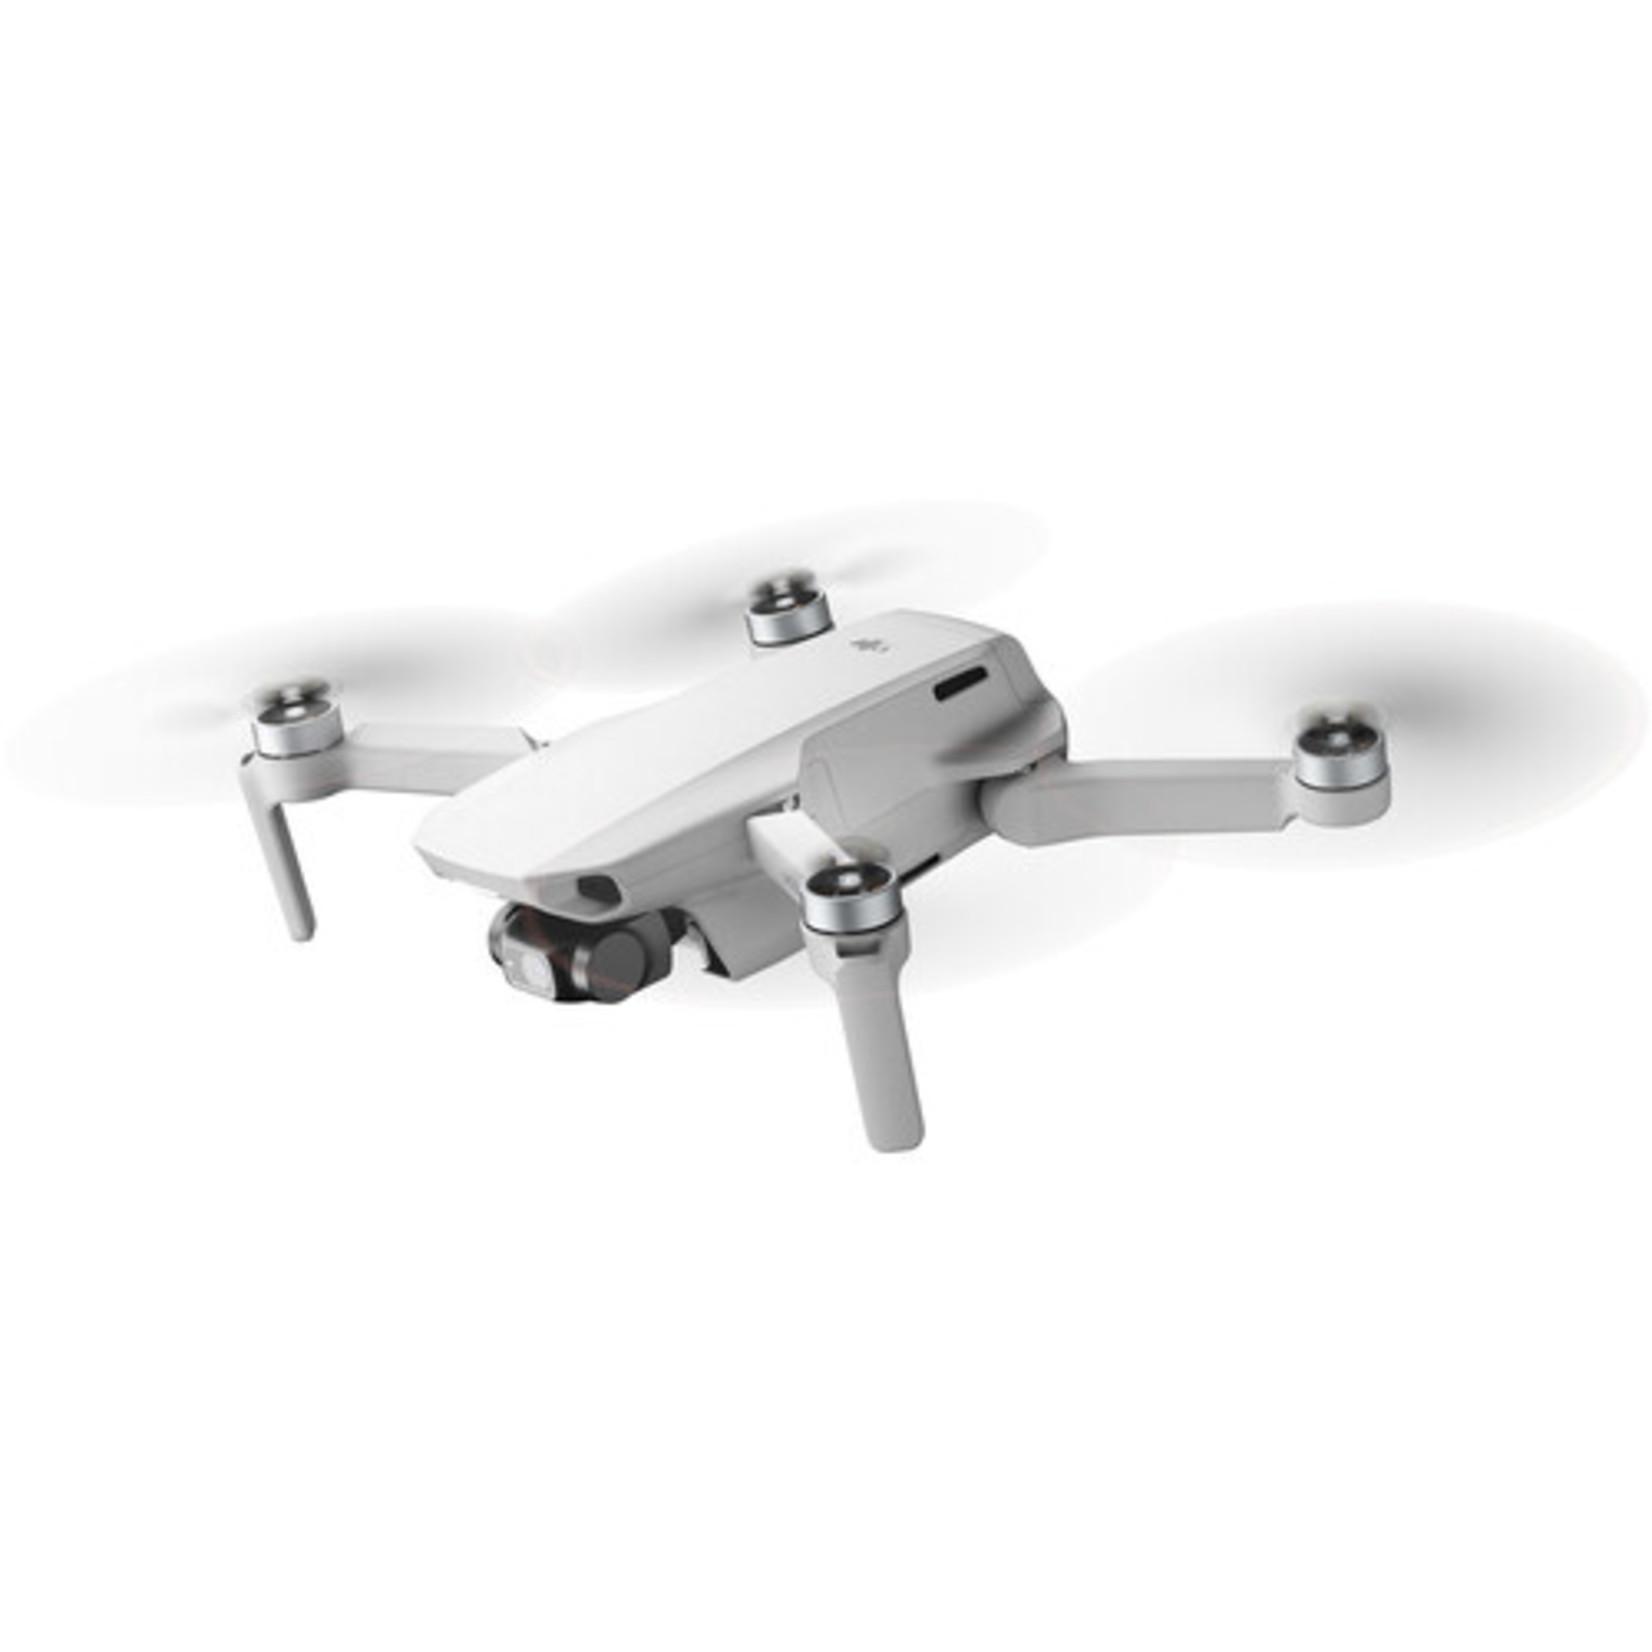 DJI DJI Mini 2 Drone